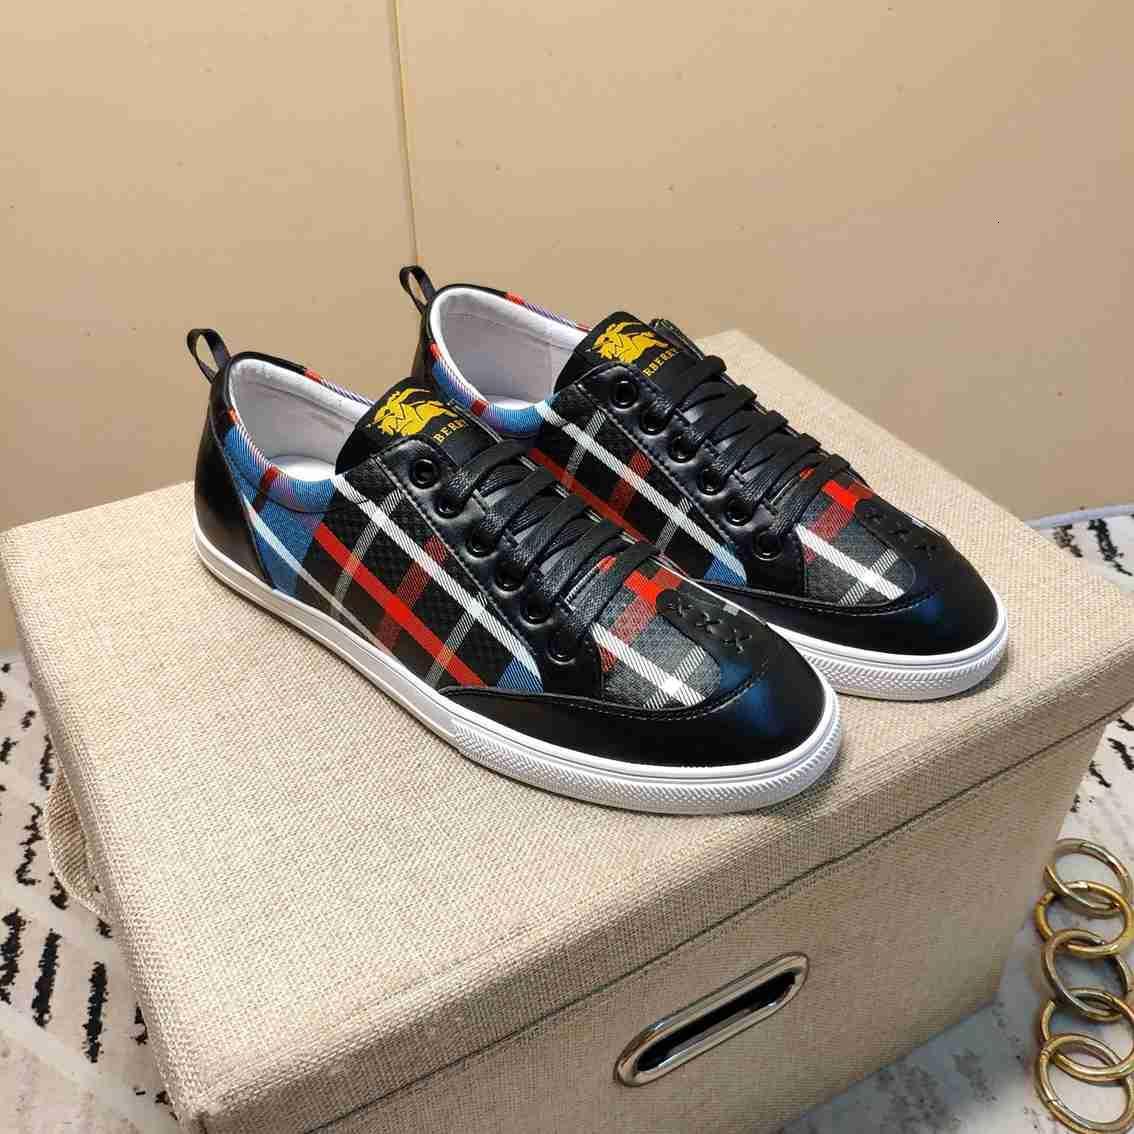 Qualität hoch 2020 neue beiläufige shoes191128 # 61s1bagzhao521 Männer